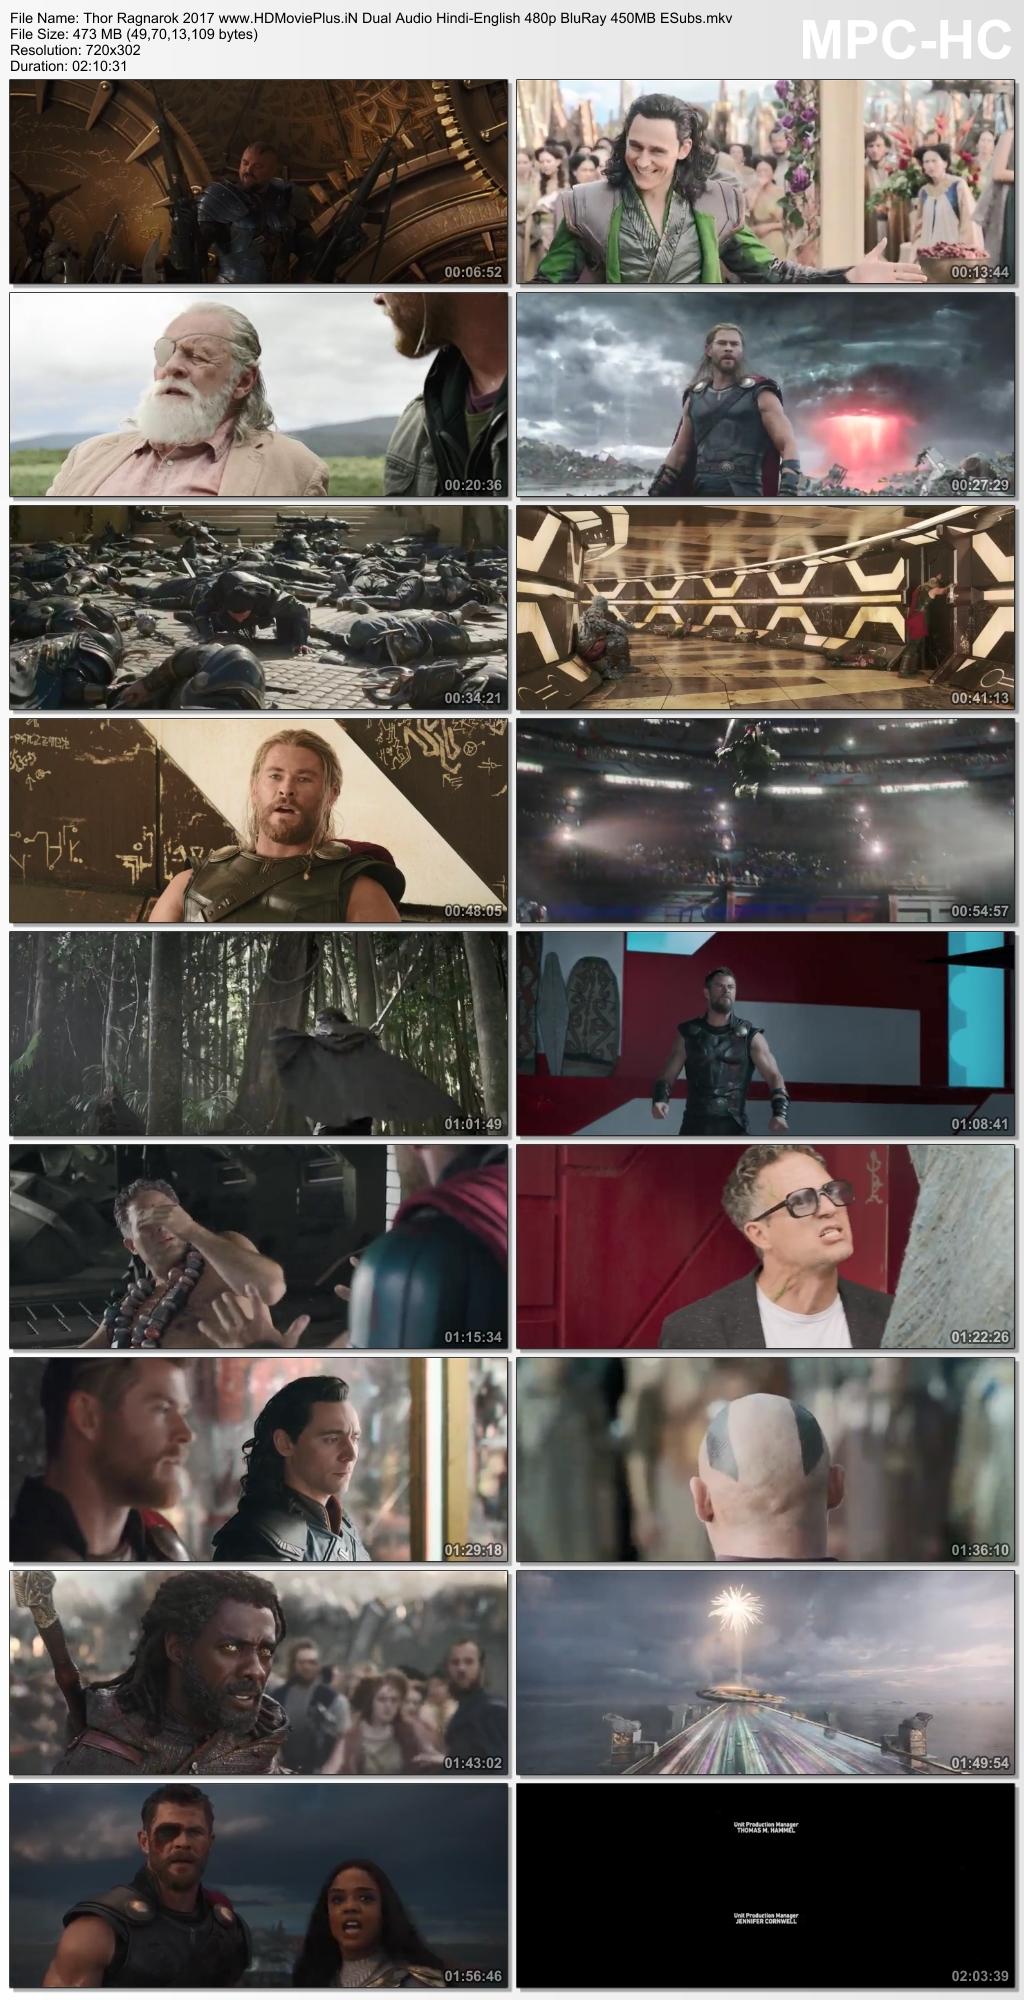 Thor: Ragnarok 2017 Dual Audio